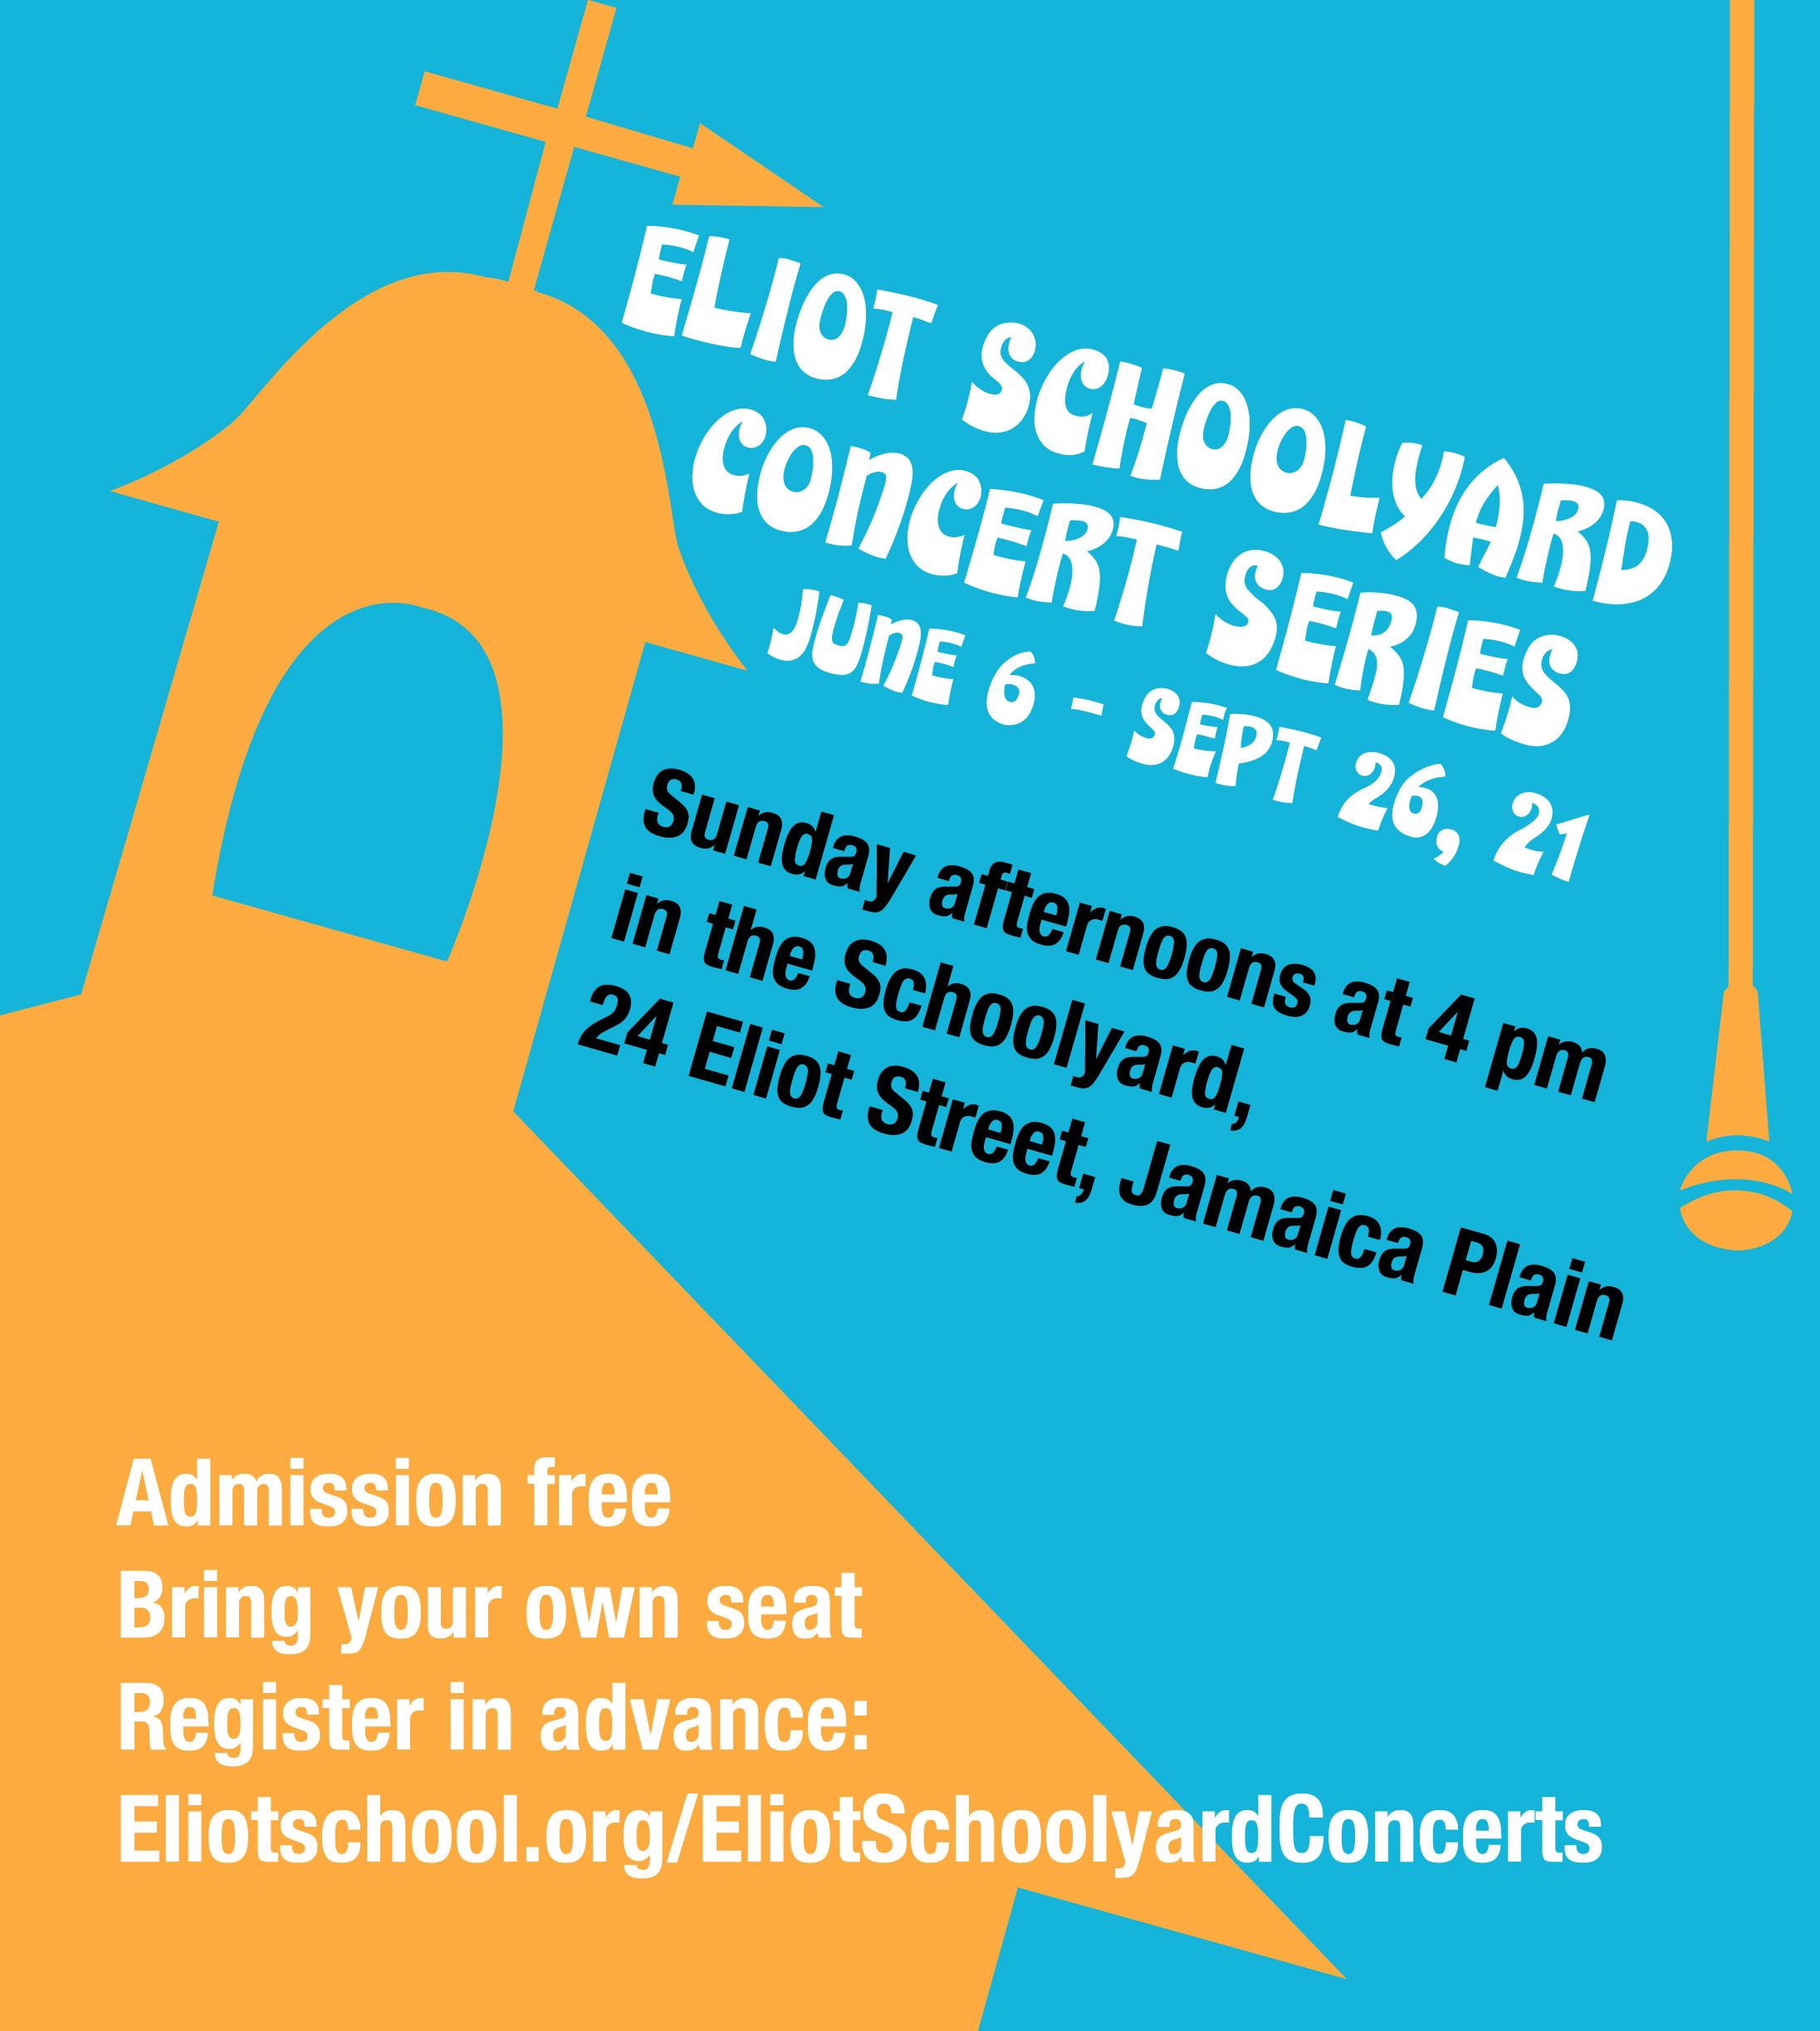 schoolyard concert series